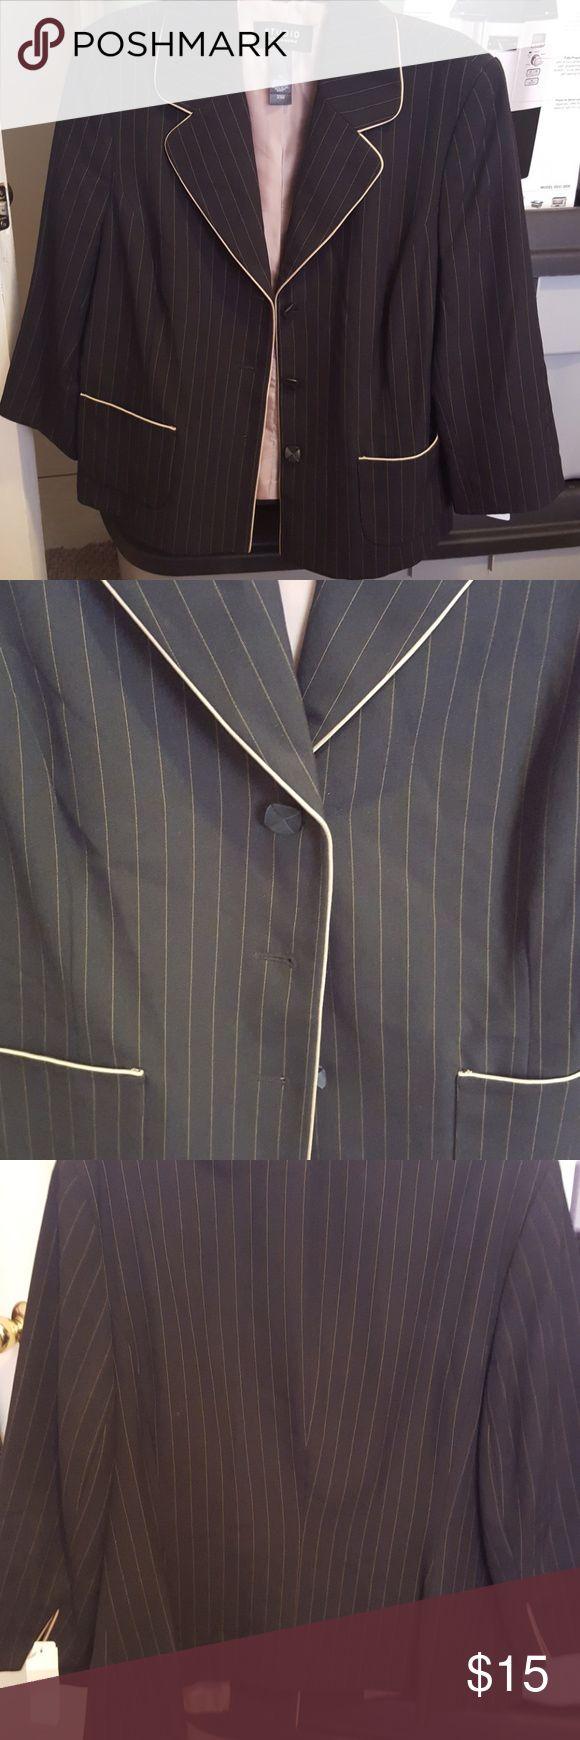 Pinstriped cute blazer Pinstriped cute blazer 3/4 sleeve Liz Claiborne Jackets & Coats Blazers